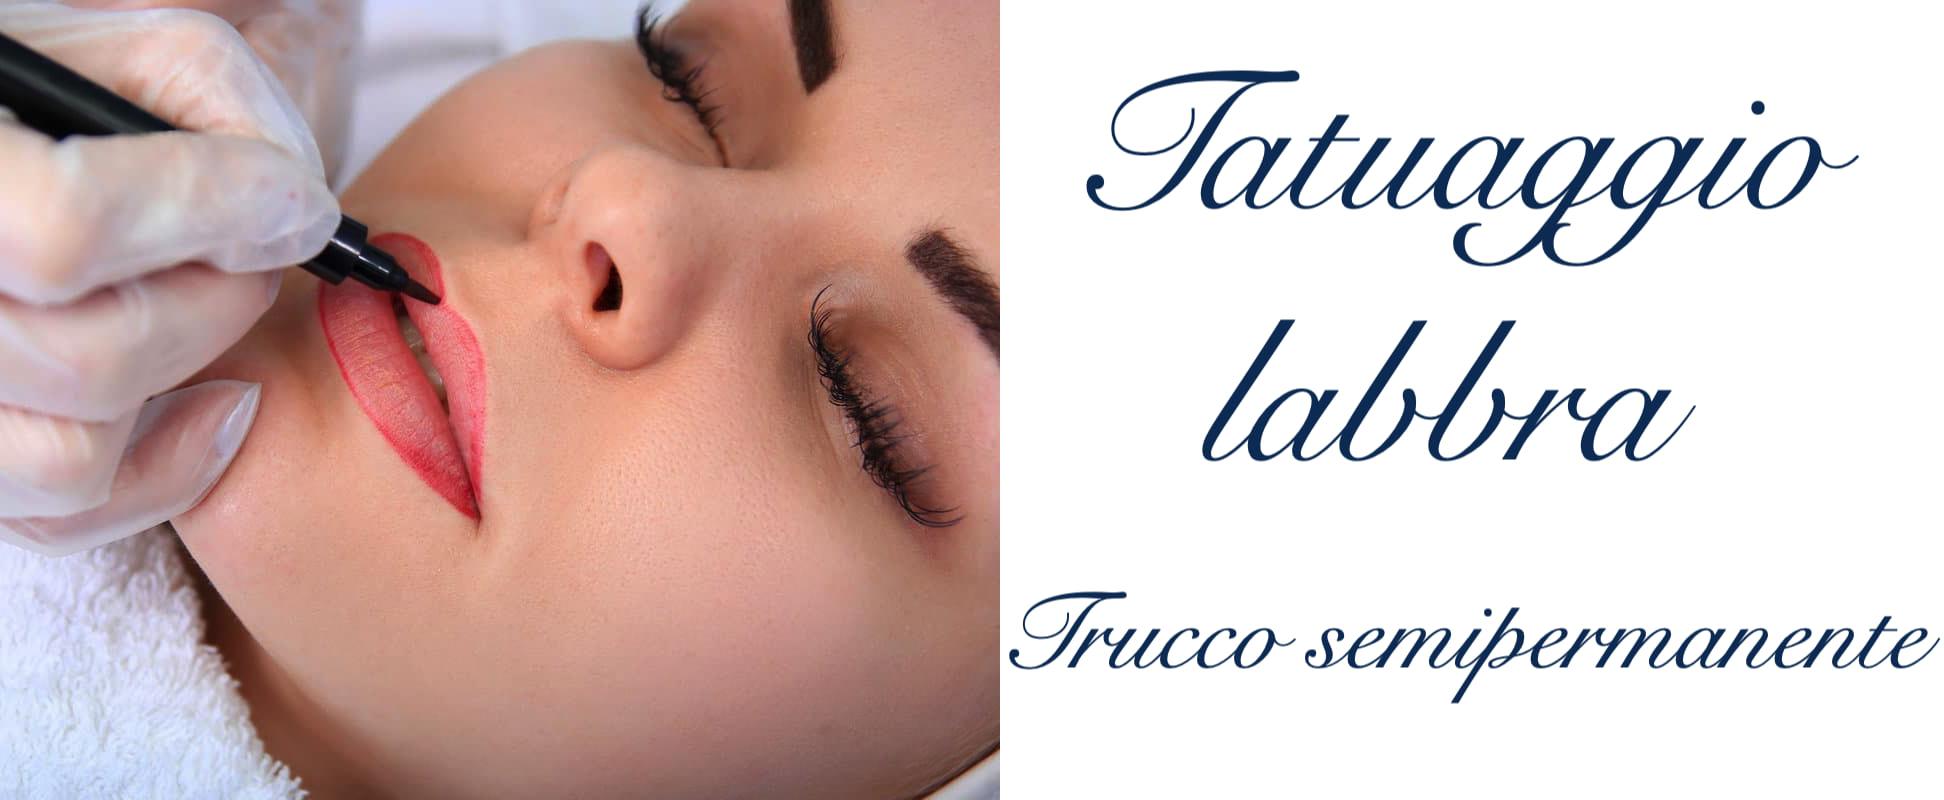 Tatuaggio Tattoo Labbra Trucco Semipermanente